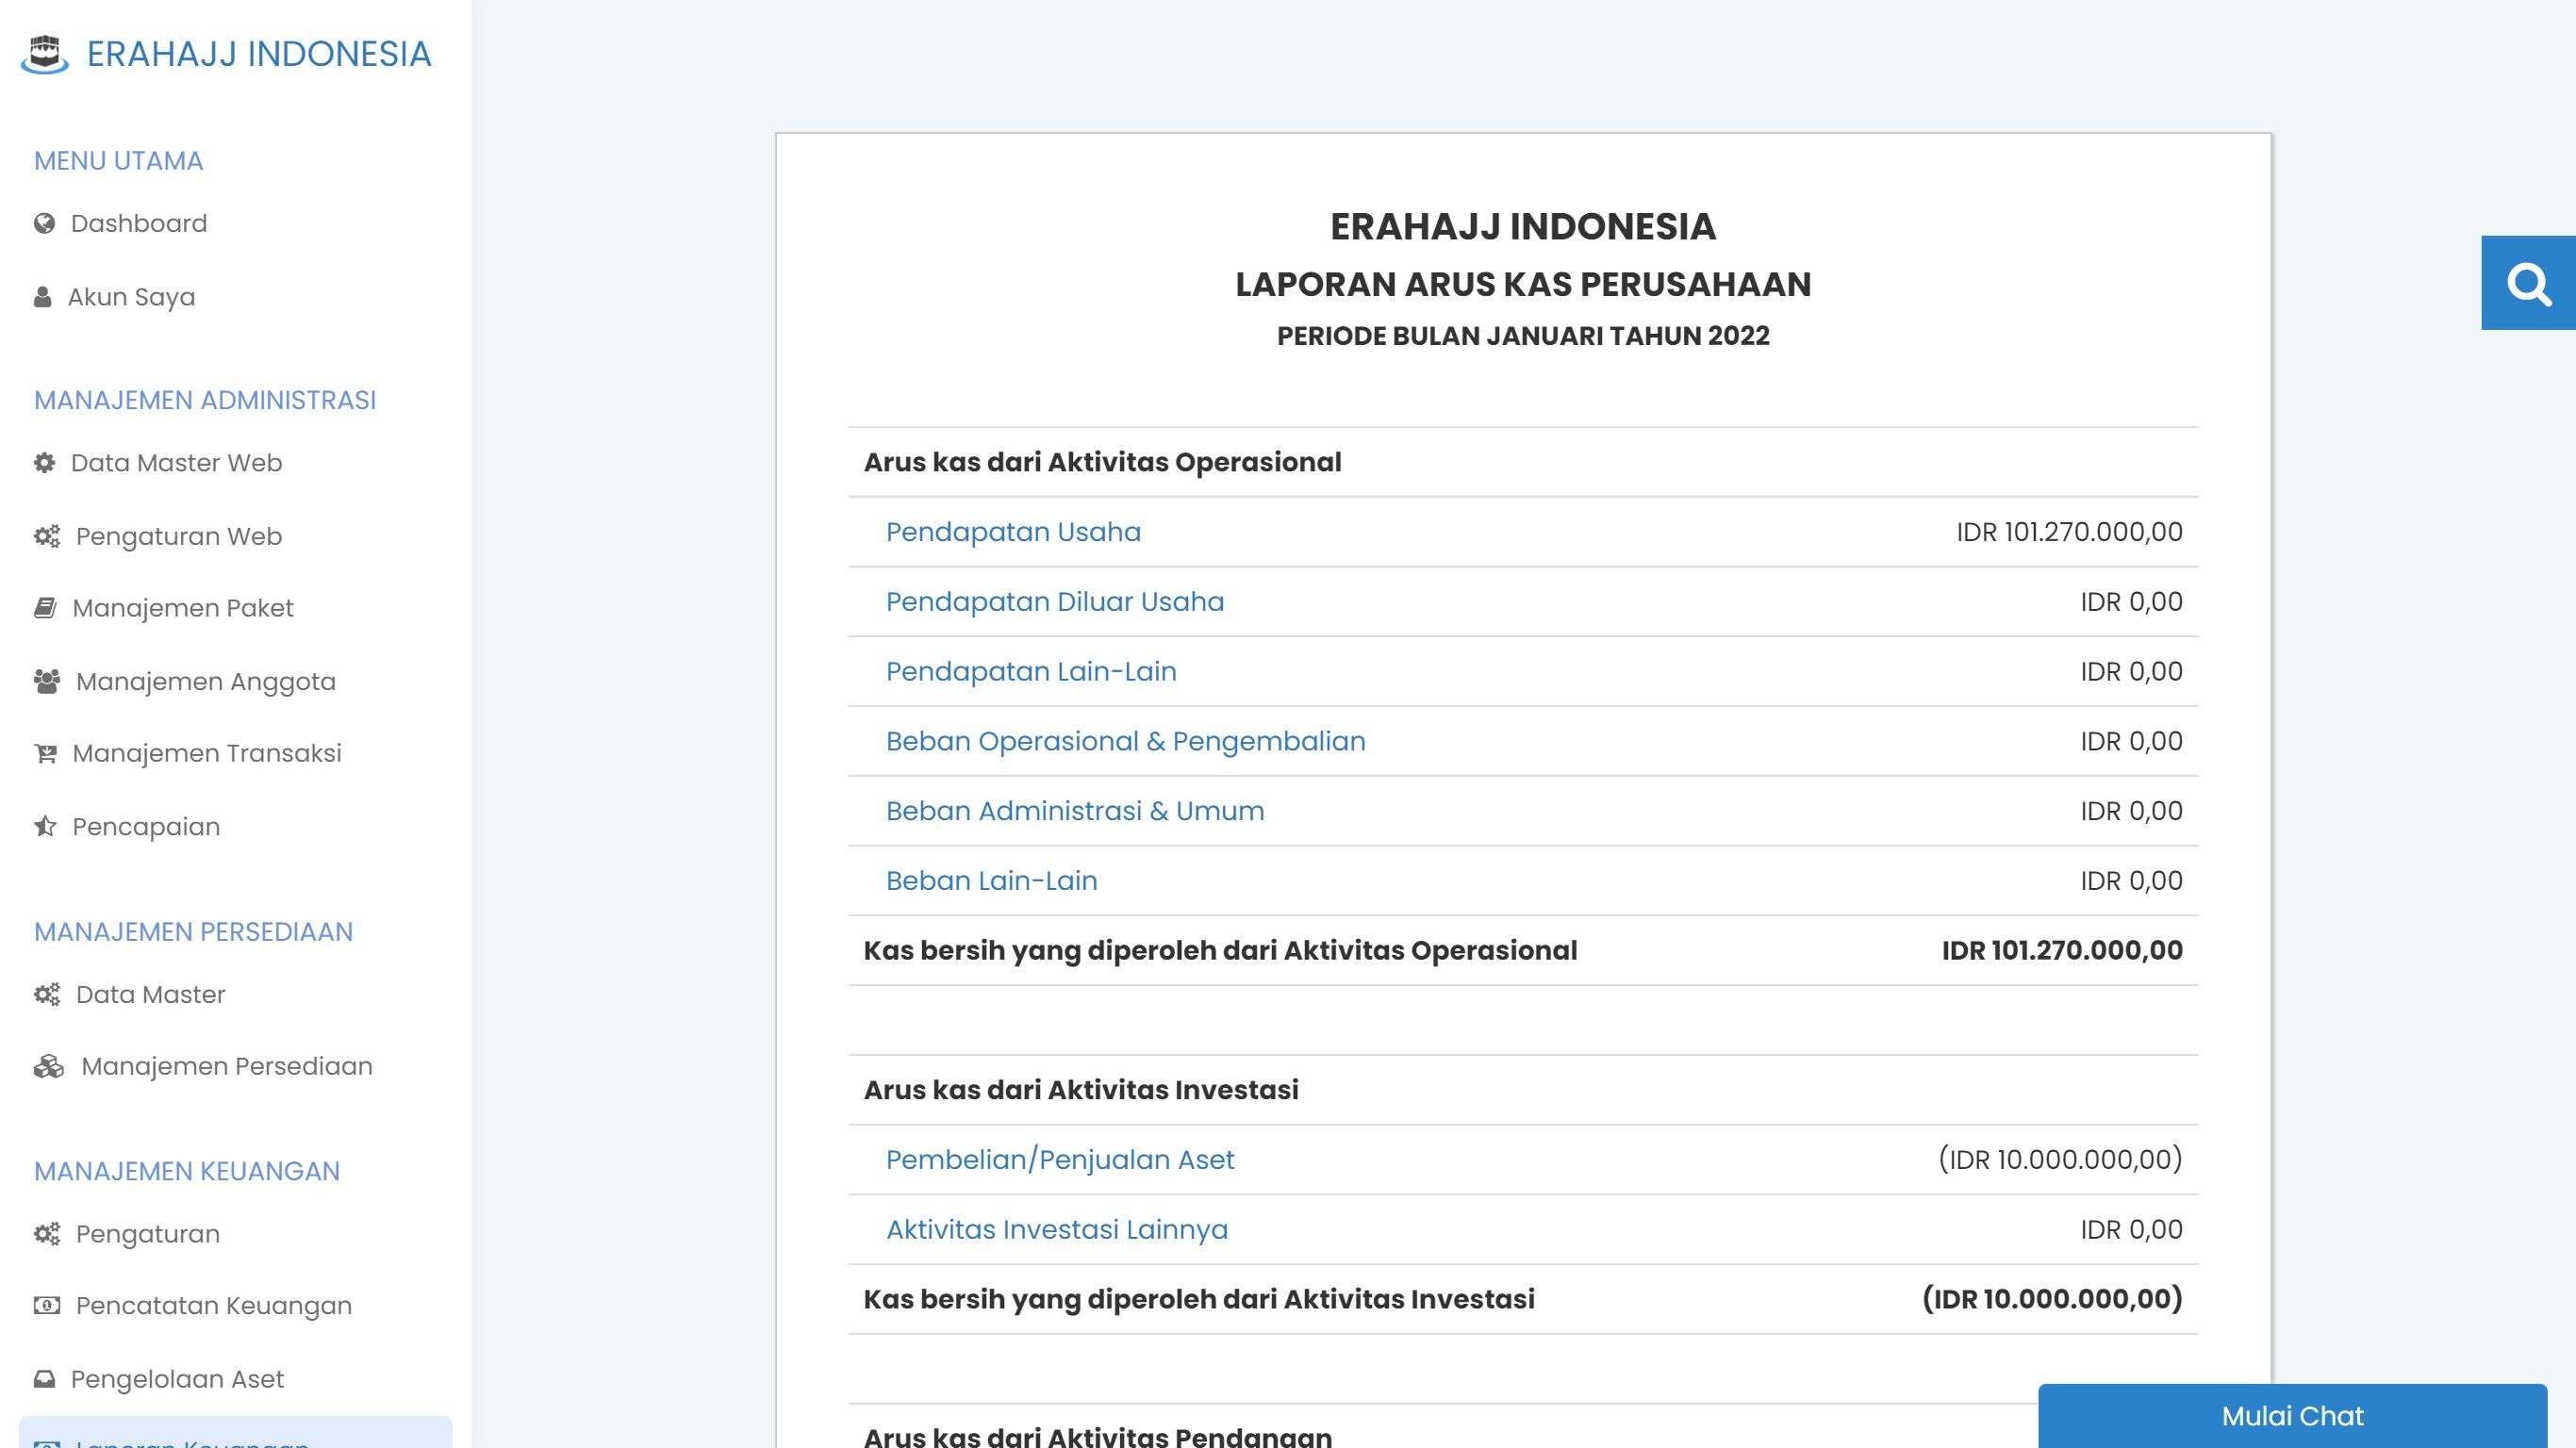 Laporan Arus Kas Keuangan Perusahaan